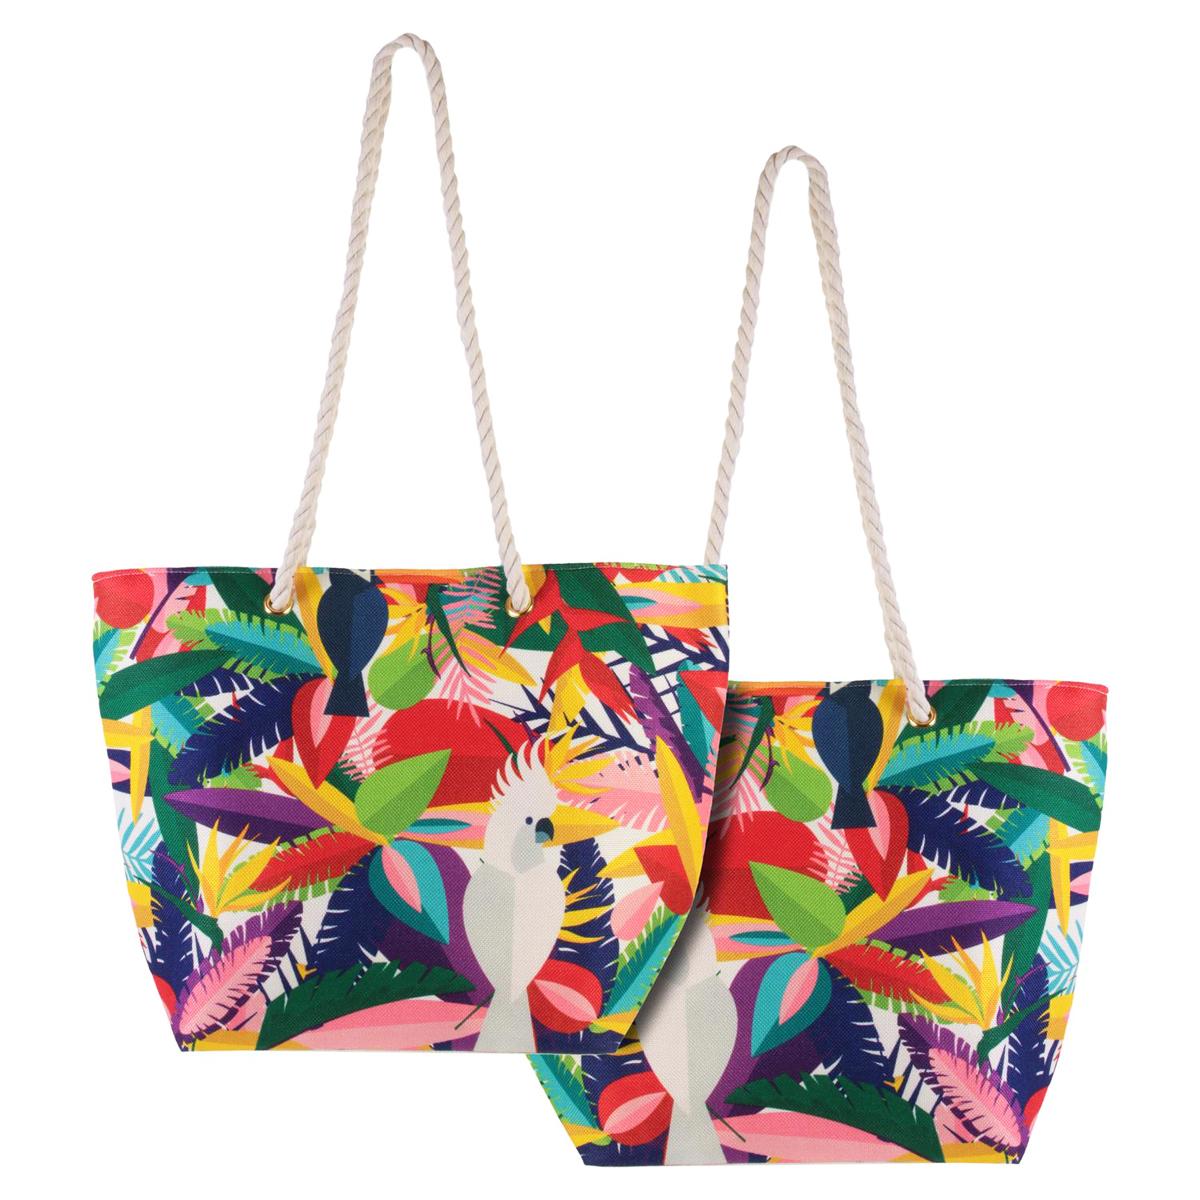 Cabas de plage \'Tropical\' multicolore (Toucan - cacatoes) - 45x35x15 cm - [Q7776]